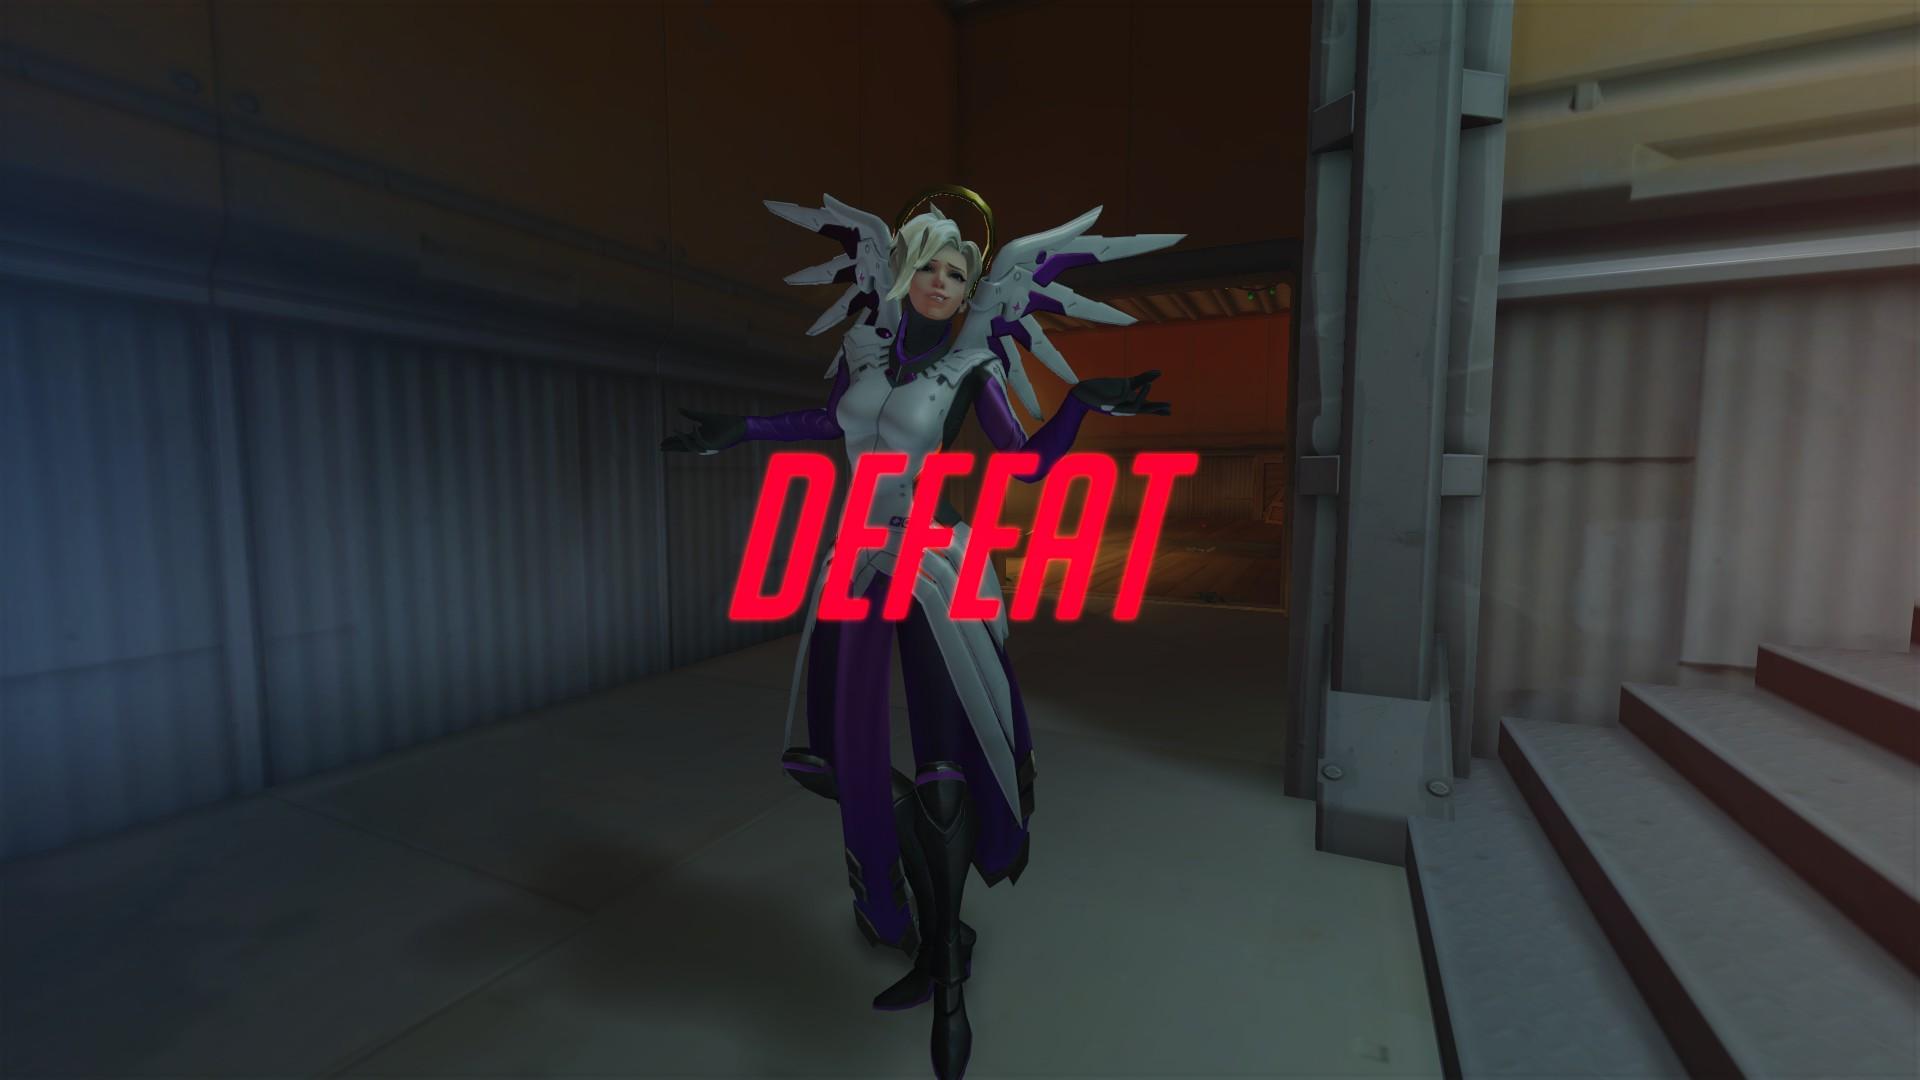 Overwatch defeat screen